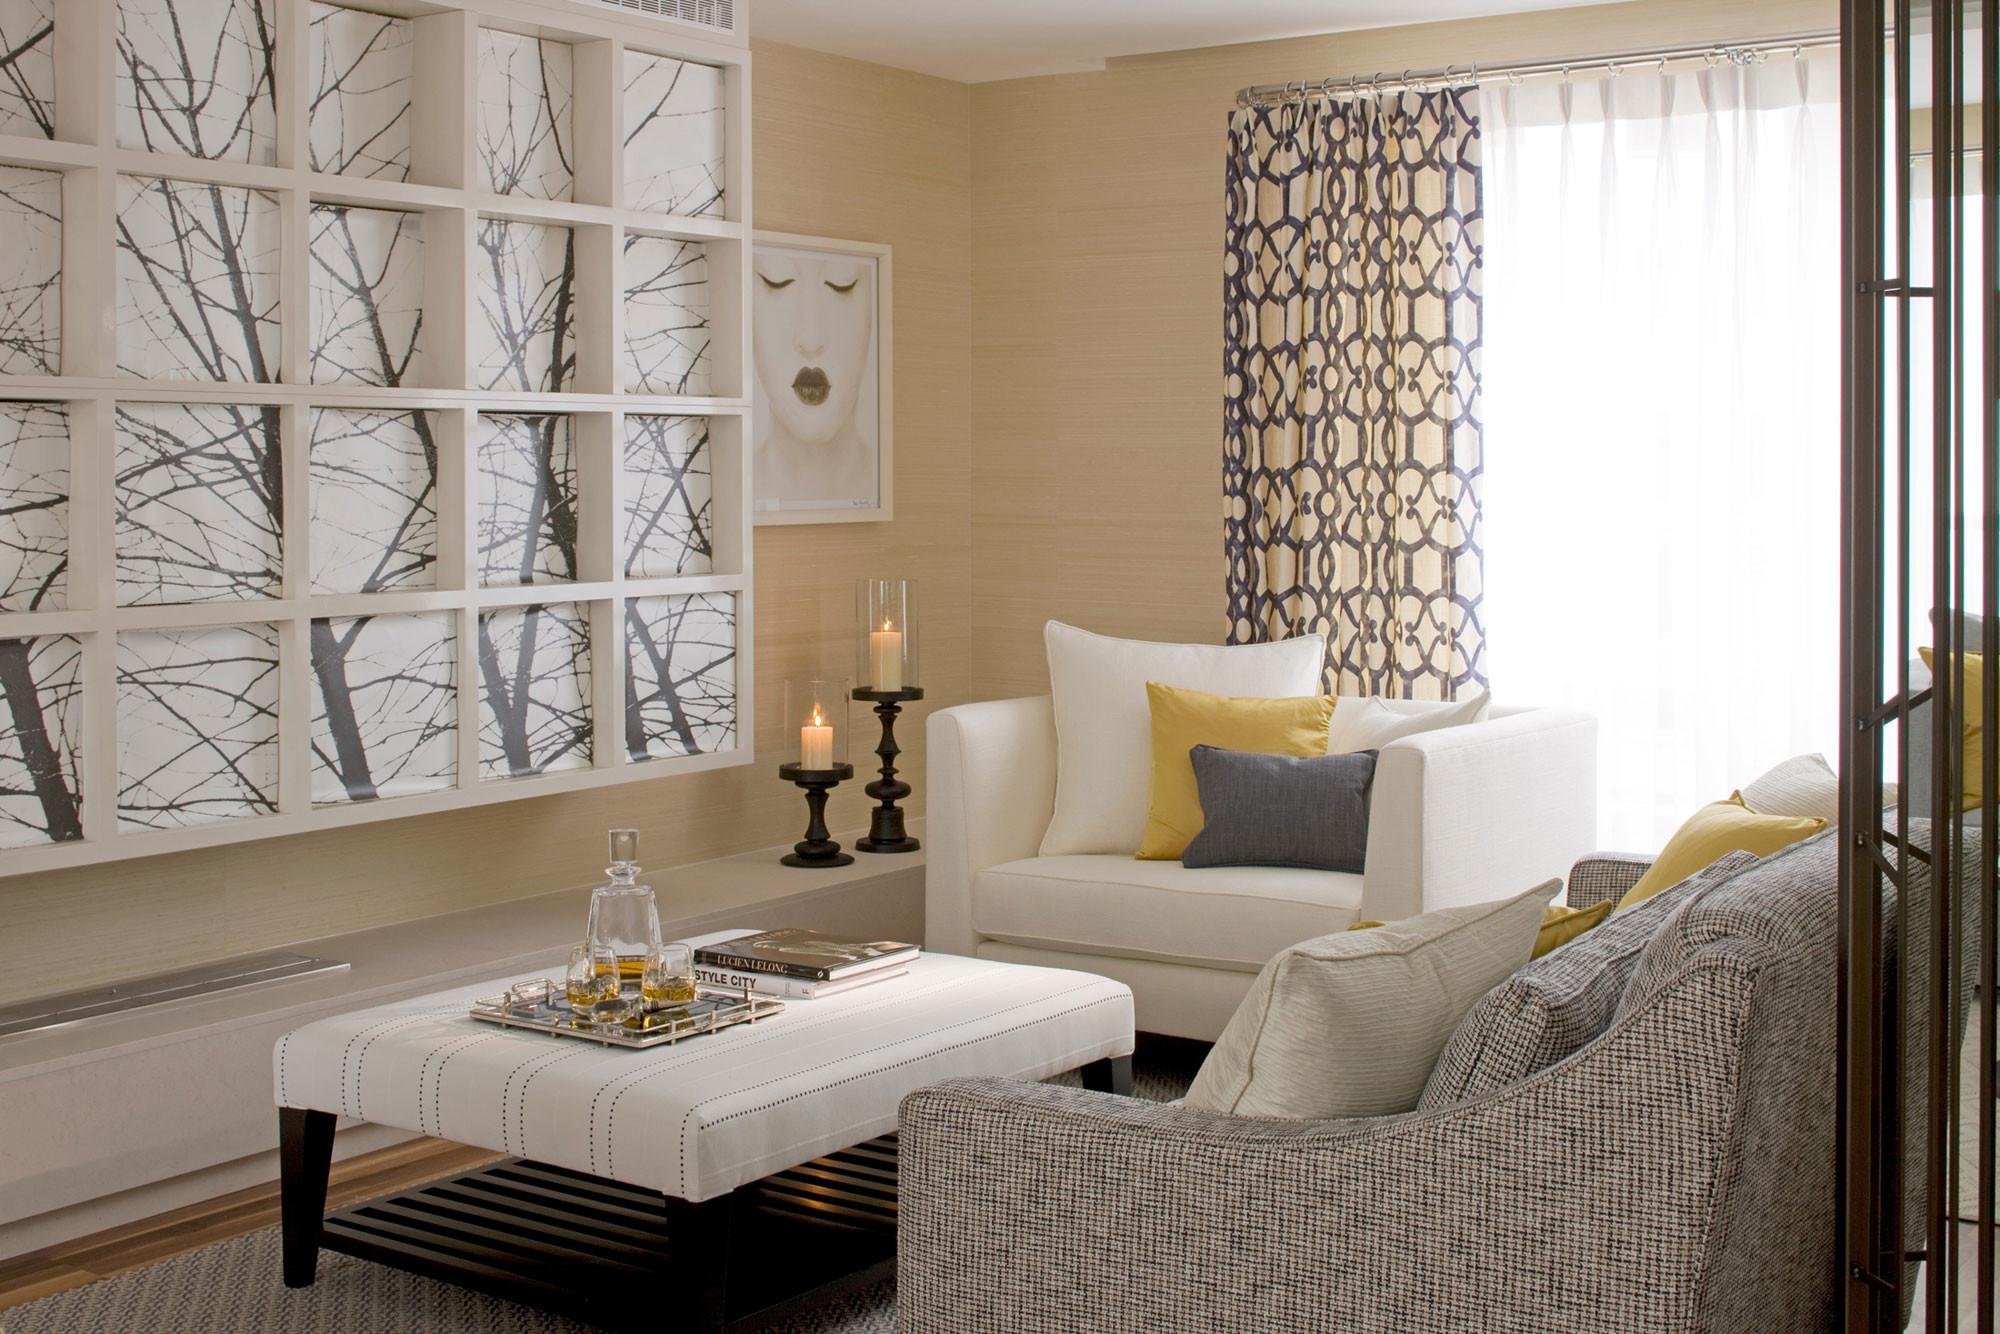 整个客厅营造出来一种不一样的美,实用和装饰都得到了满足